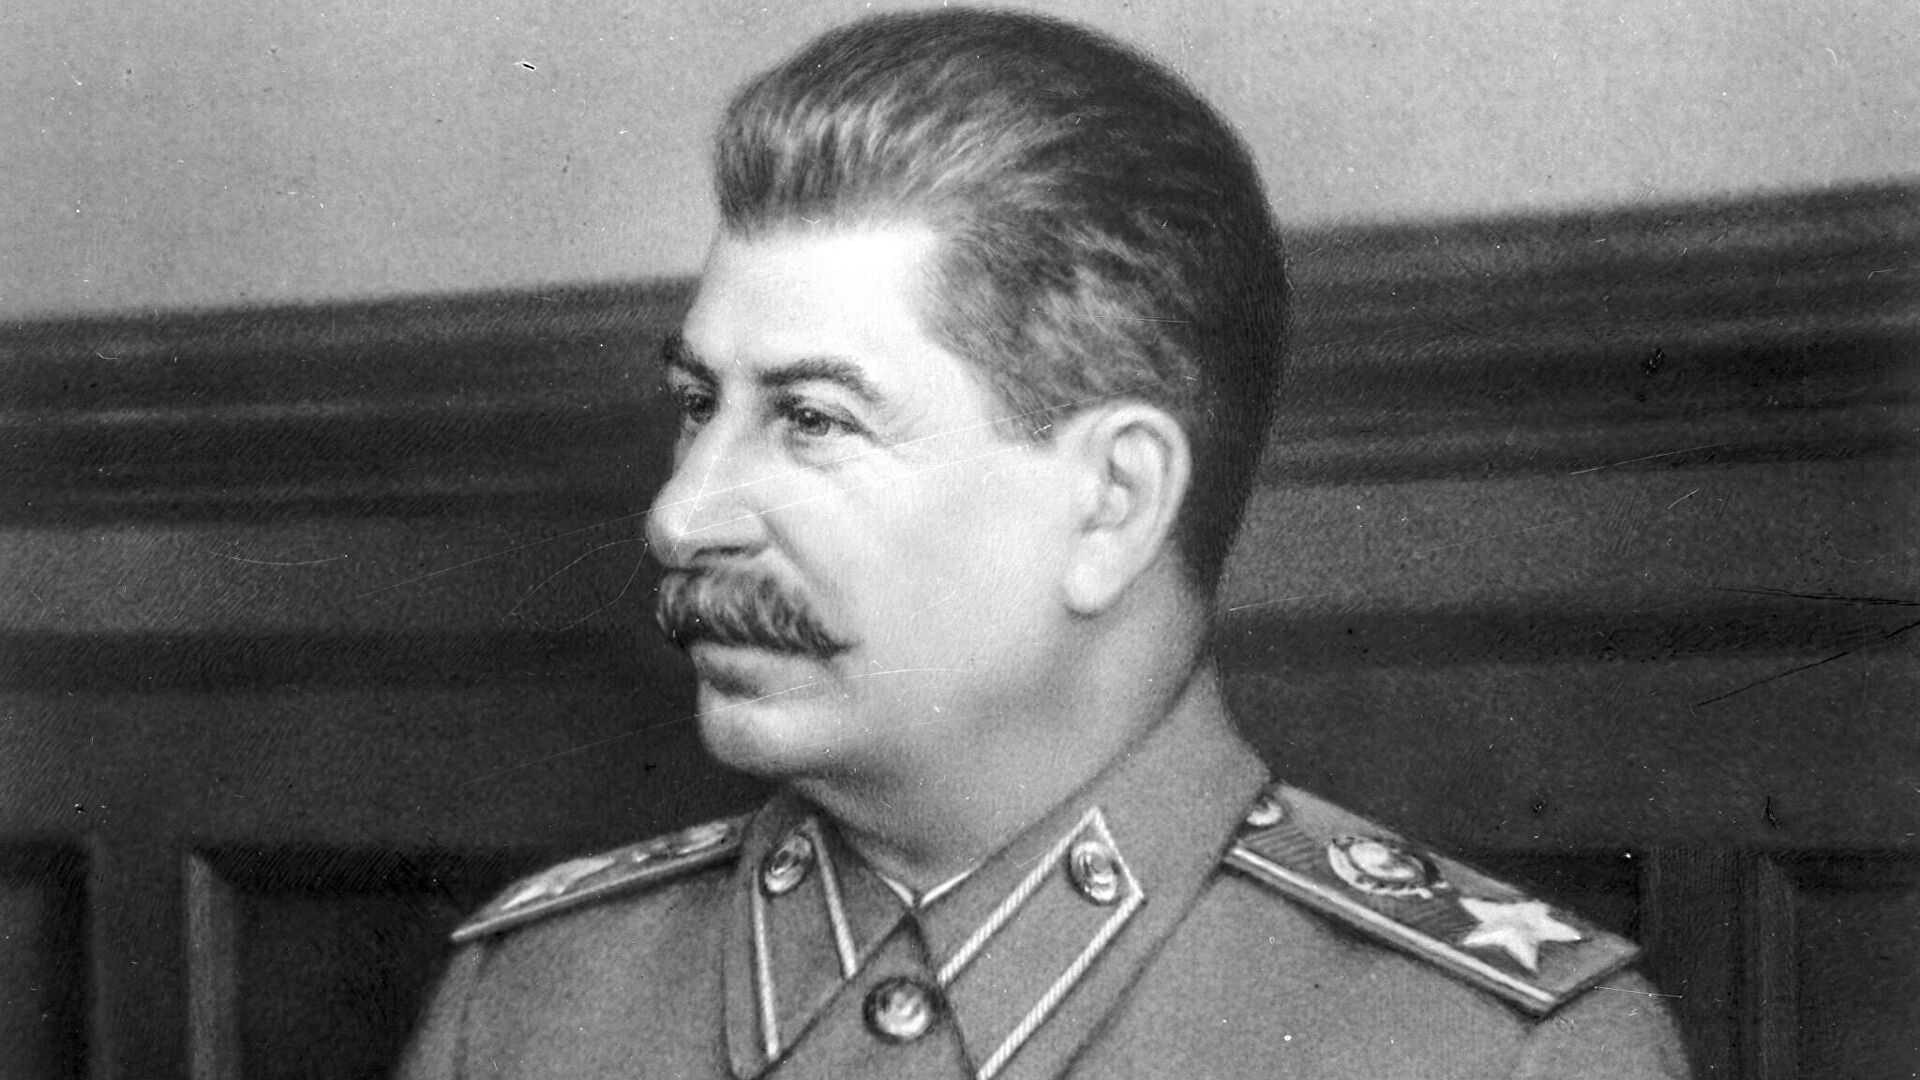 Лавров приравнял нападки на Сталина к оспариванию итогов войны